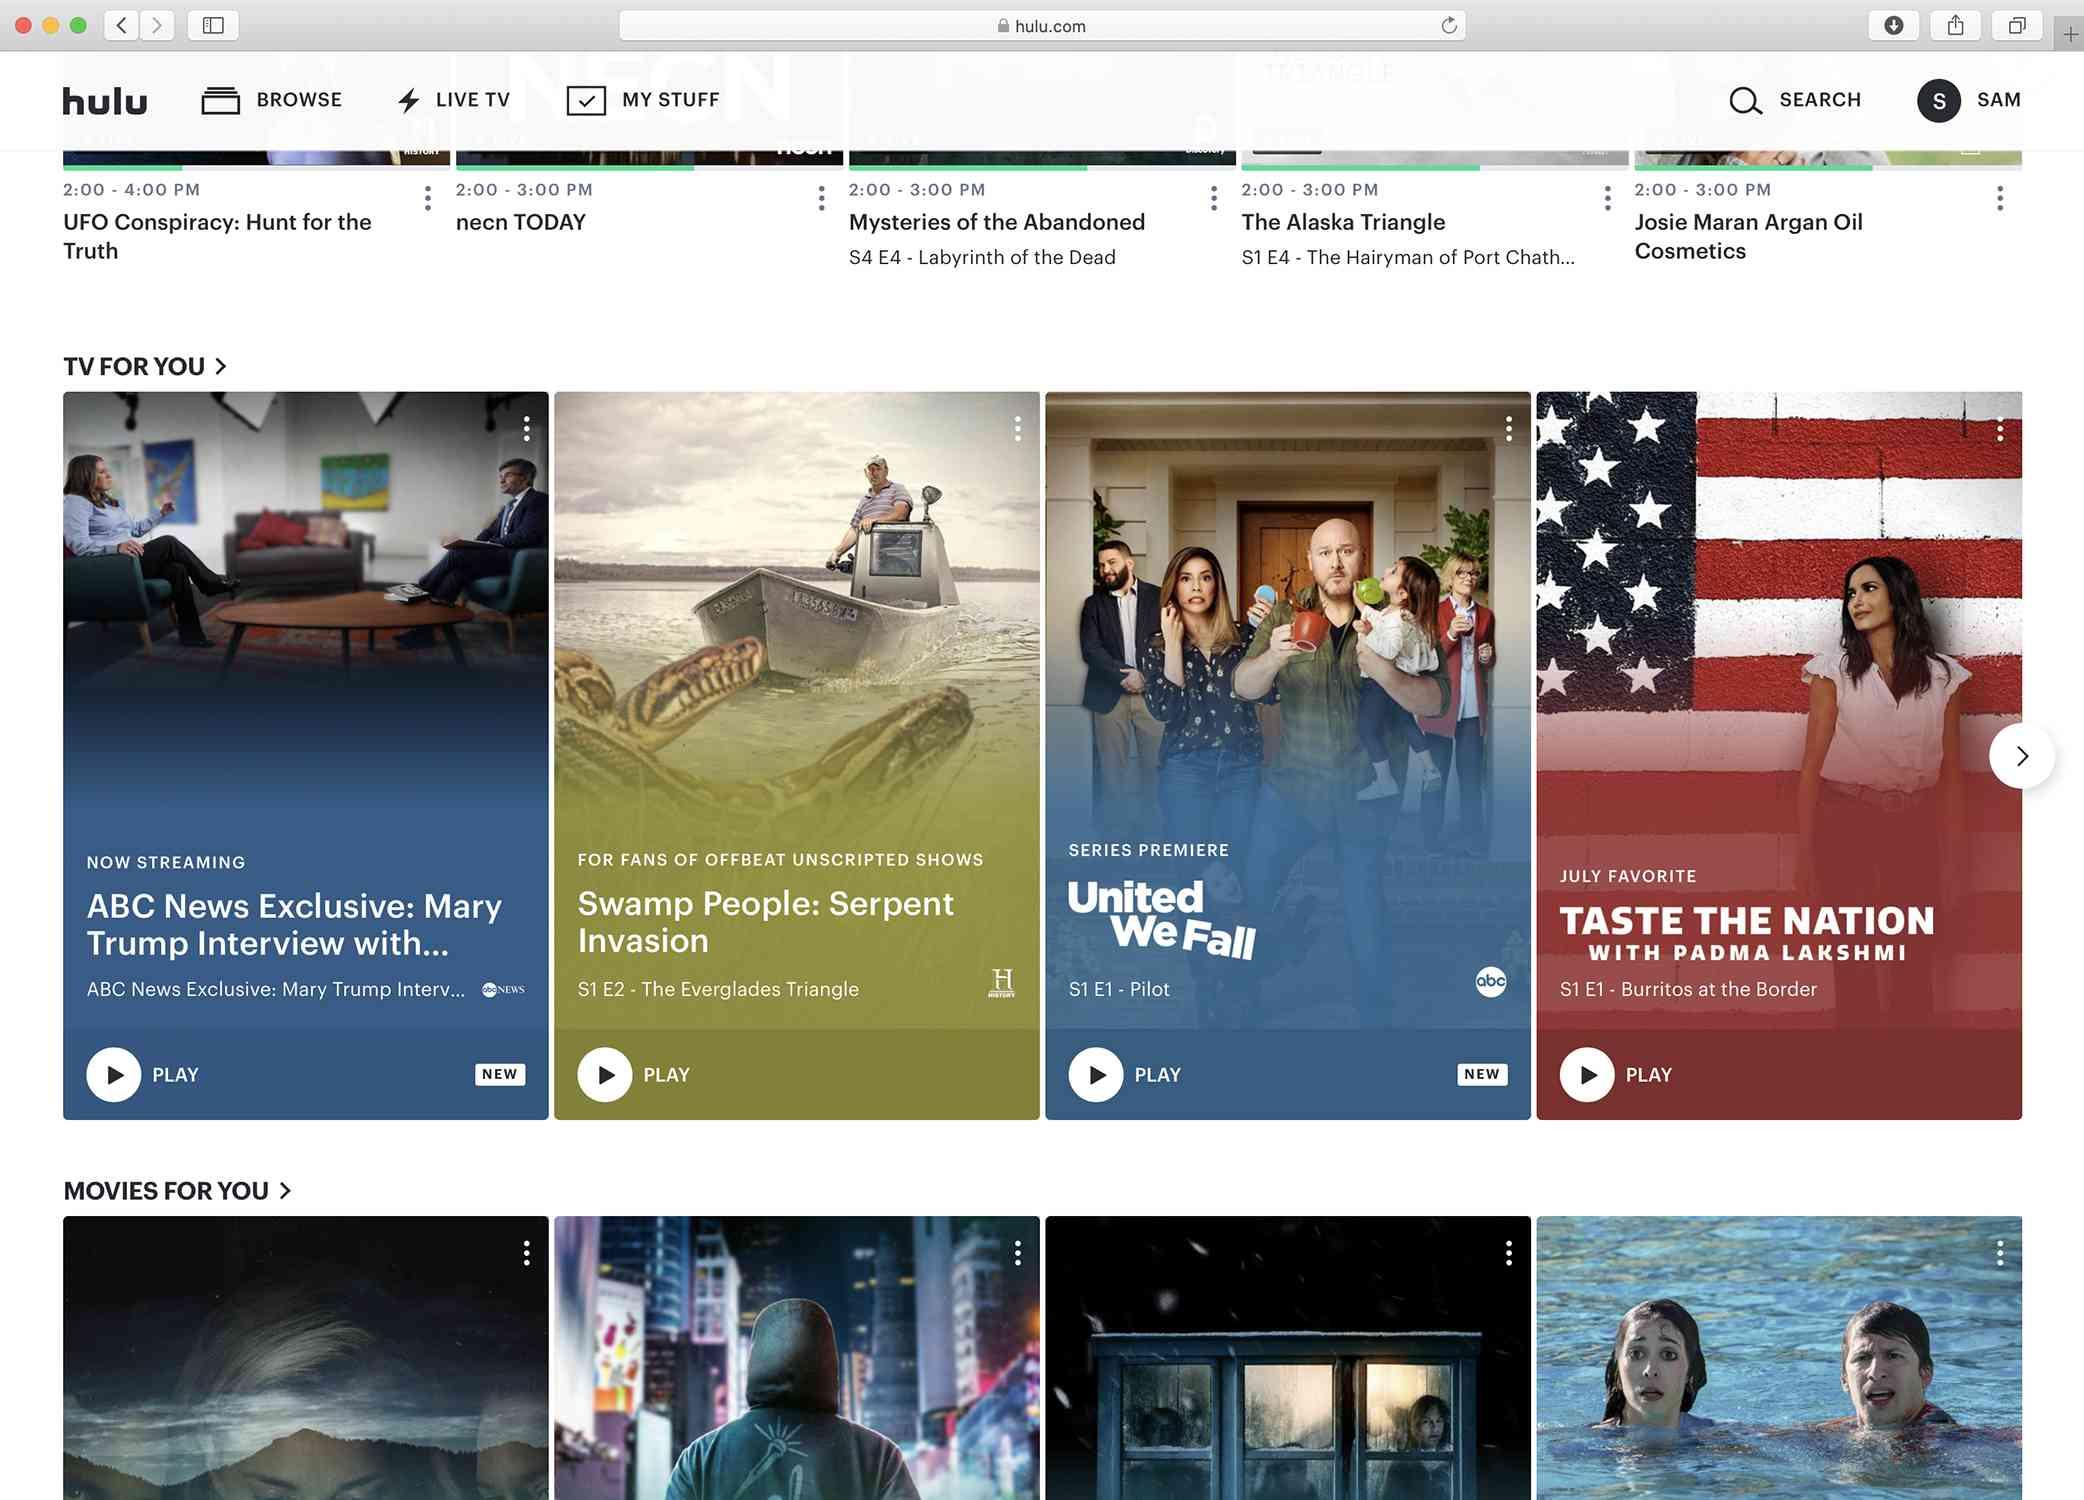 Screenshot of the Hulu homepage